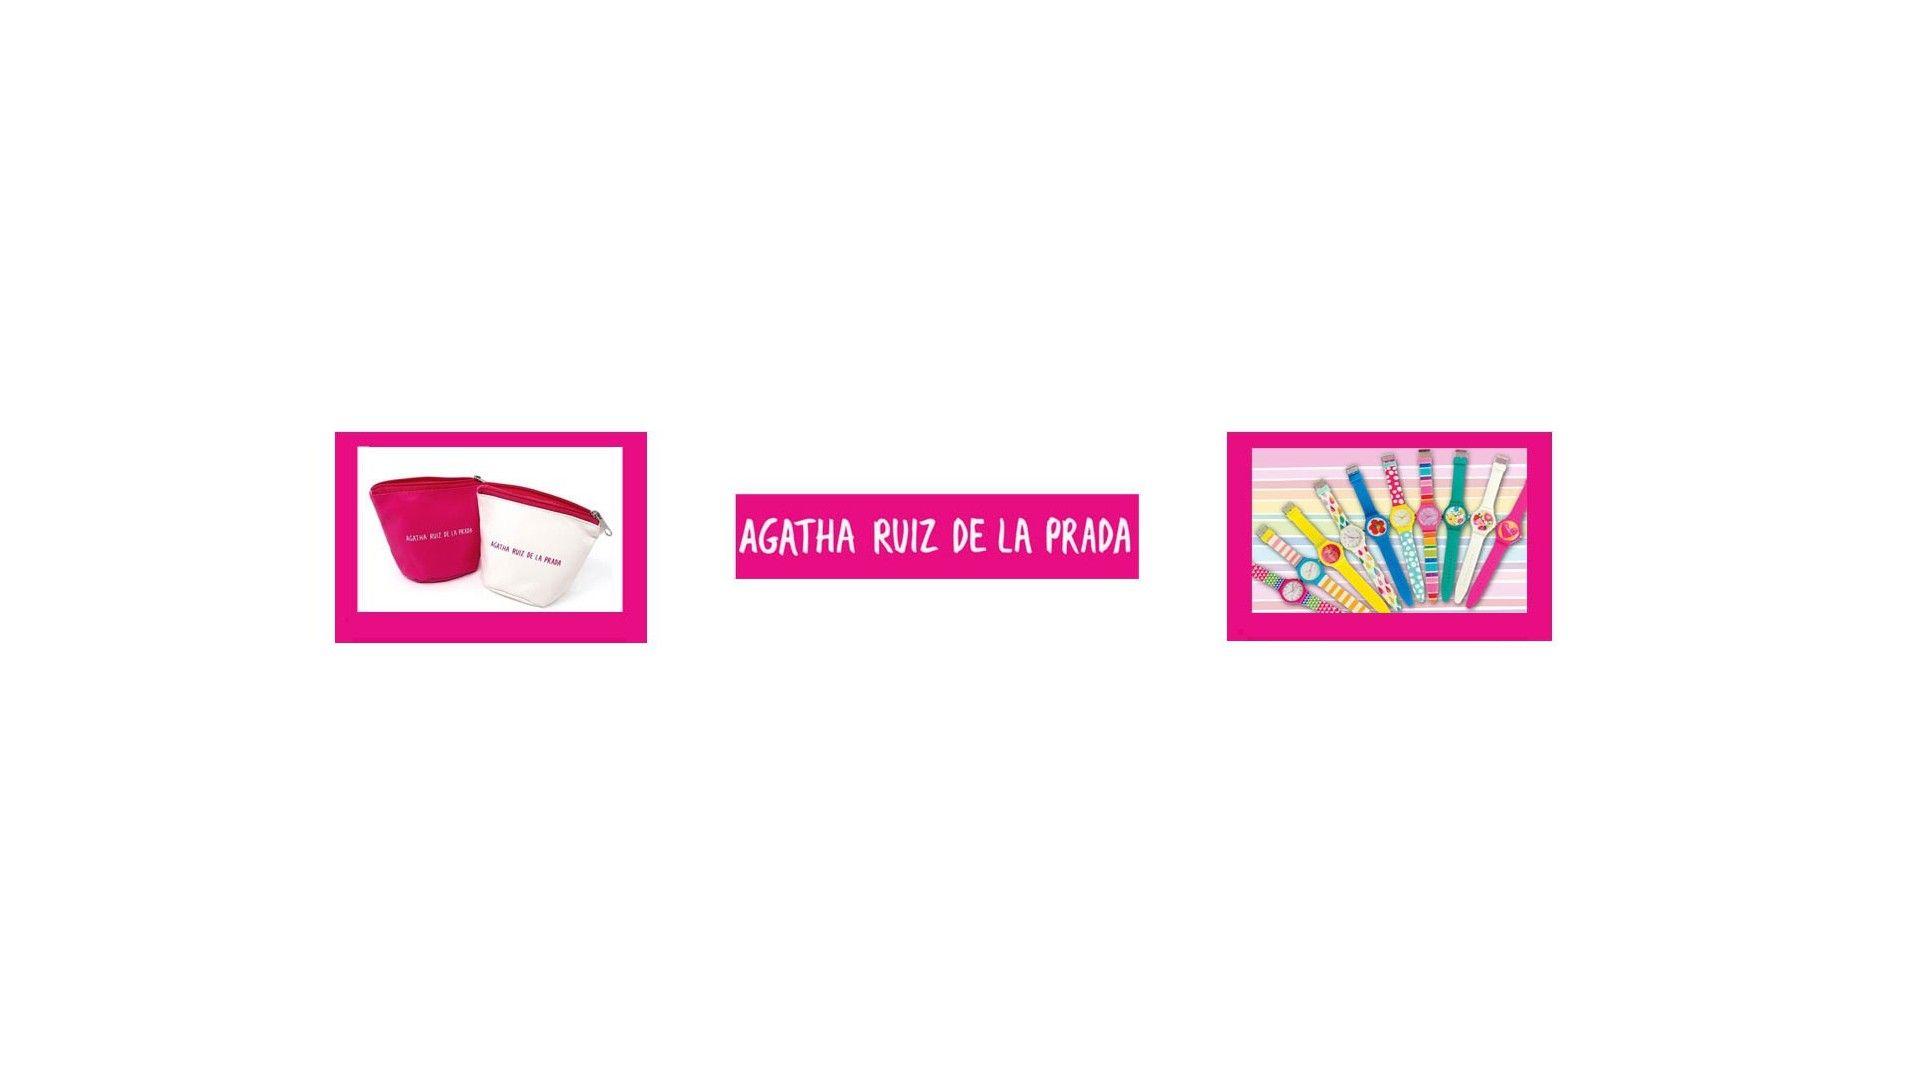 Relojes Agatha Ruiz de la Prada - Comprar online